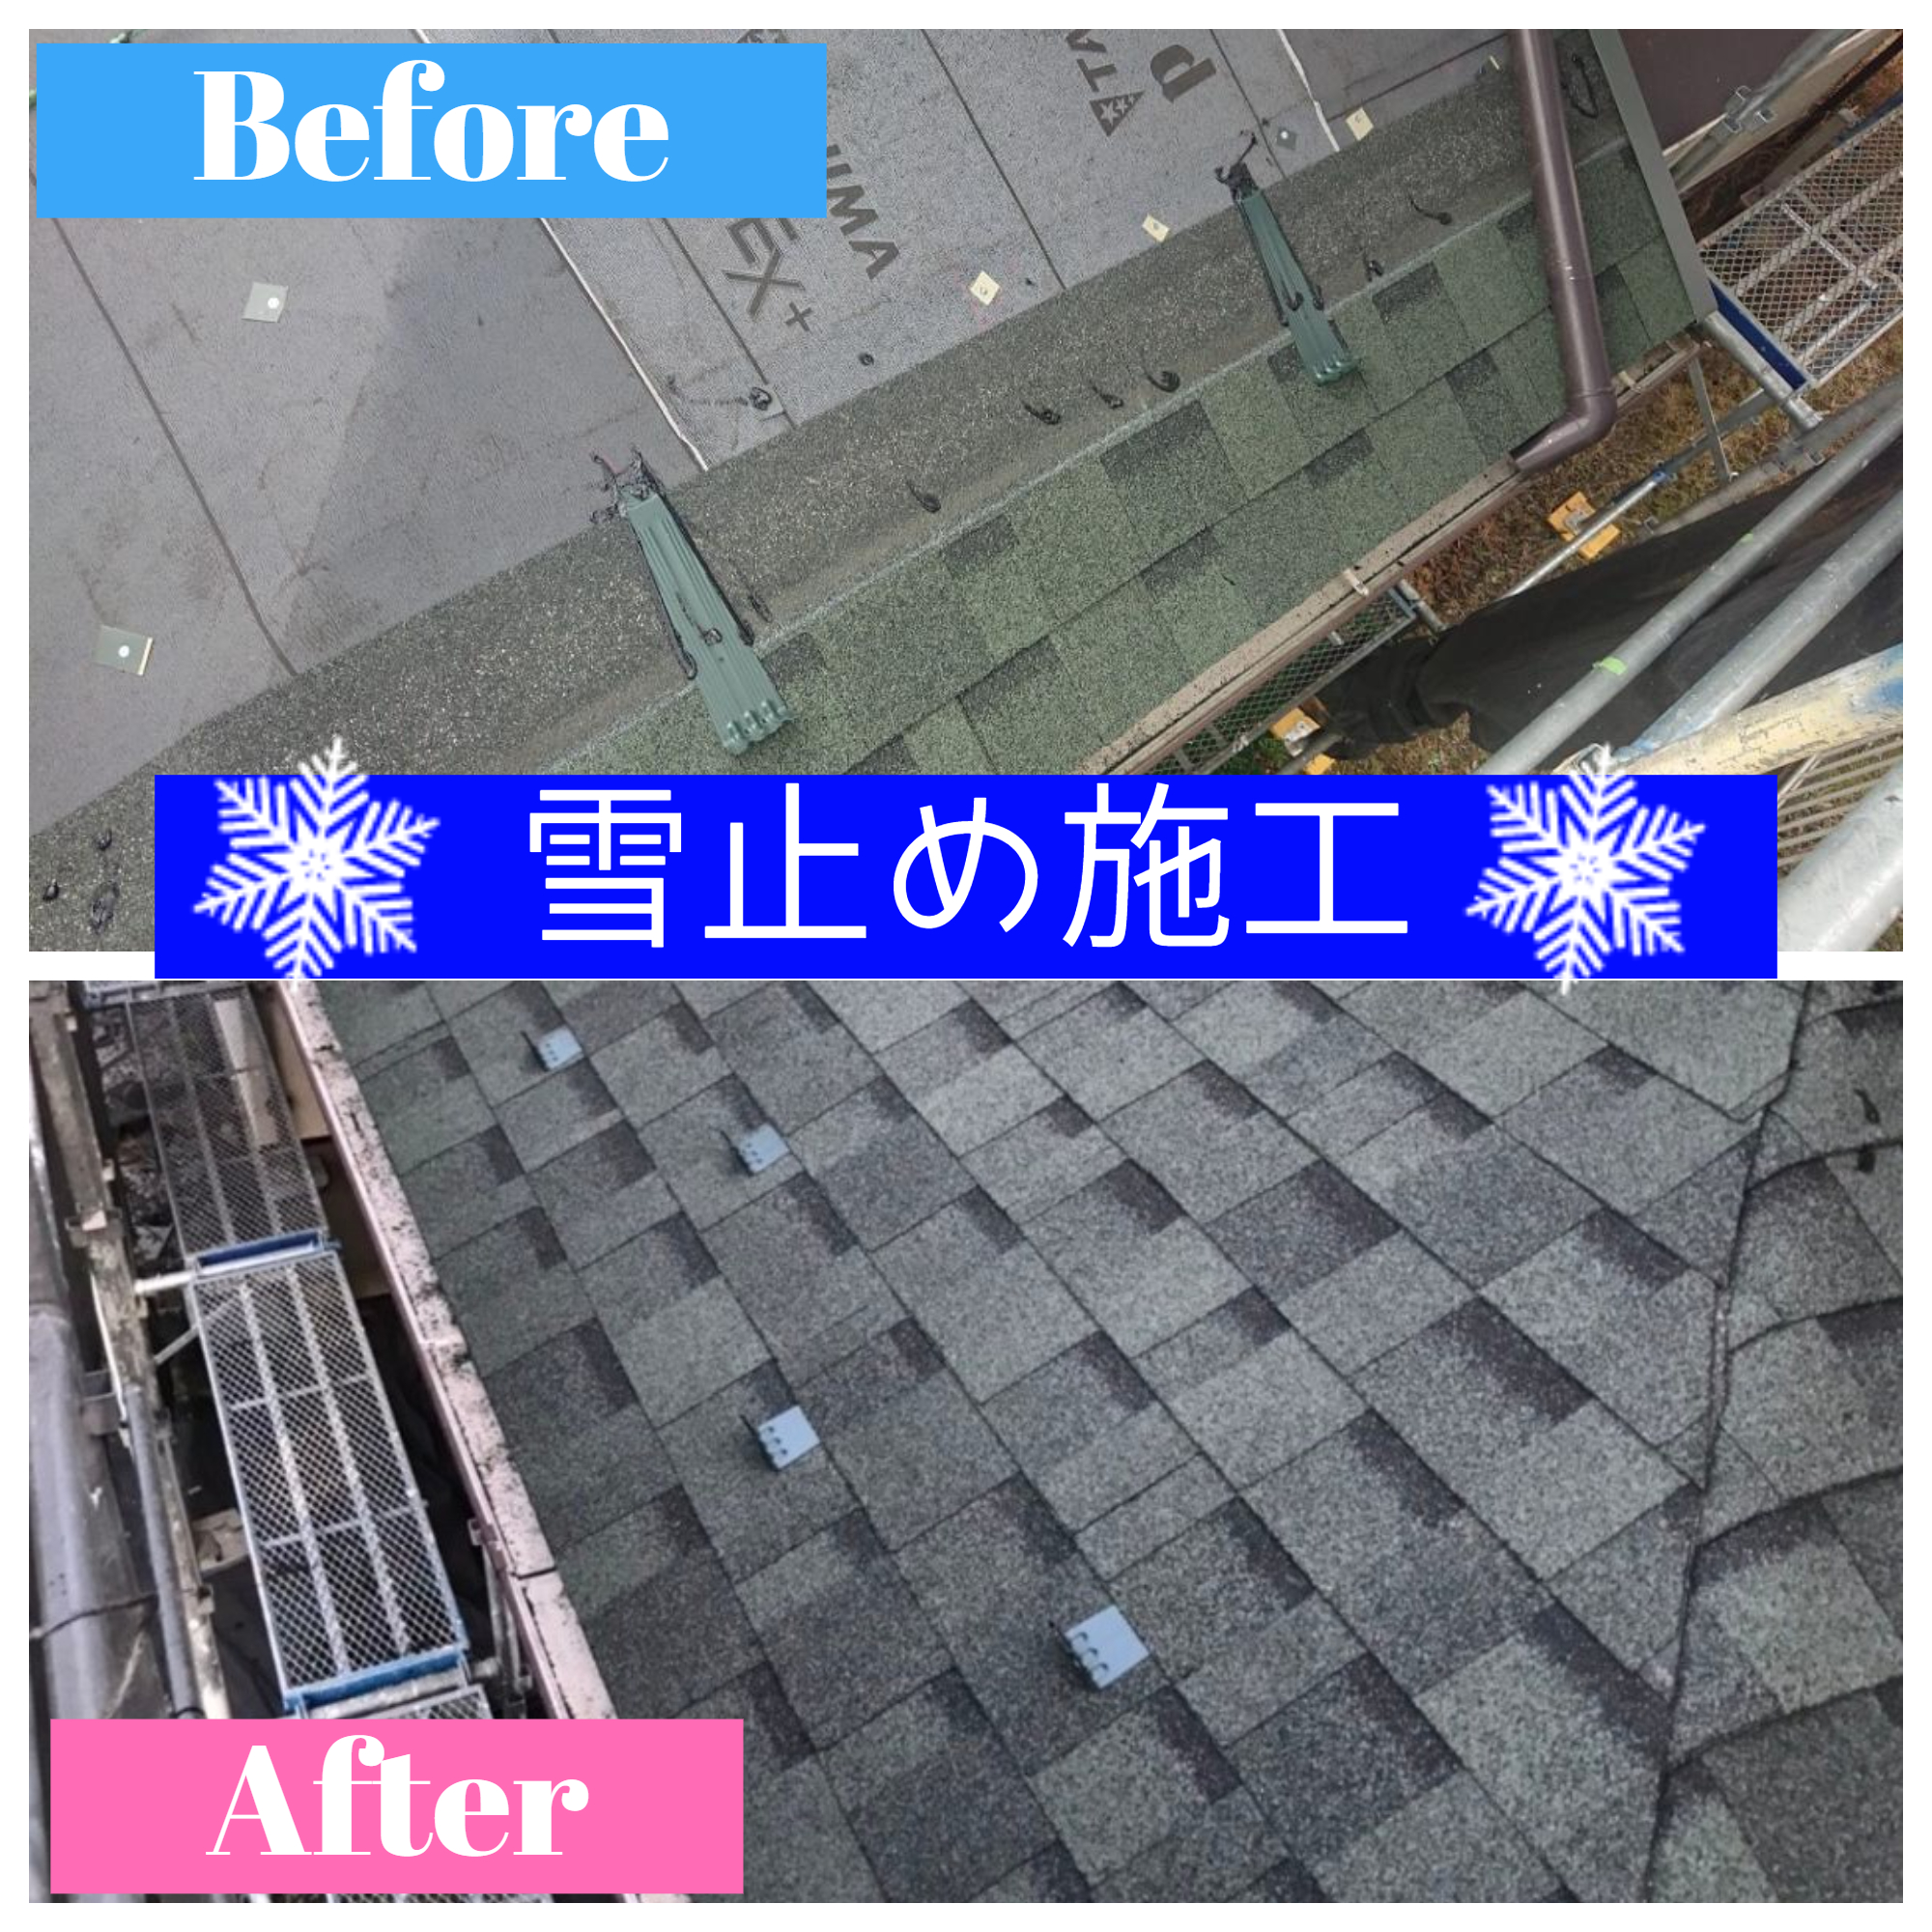 【施工事例】屋根リフォーム:雪止め施工❄⛄❄